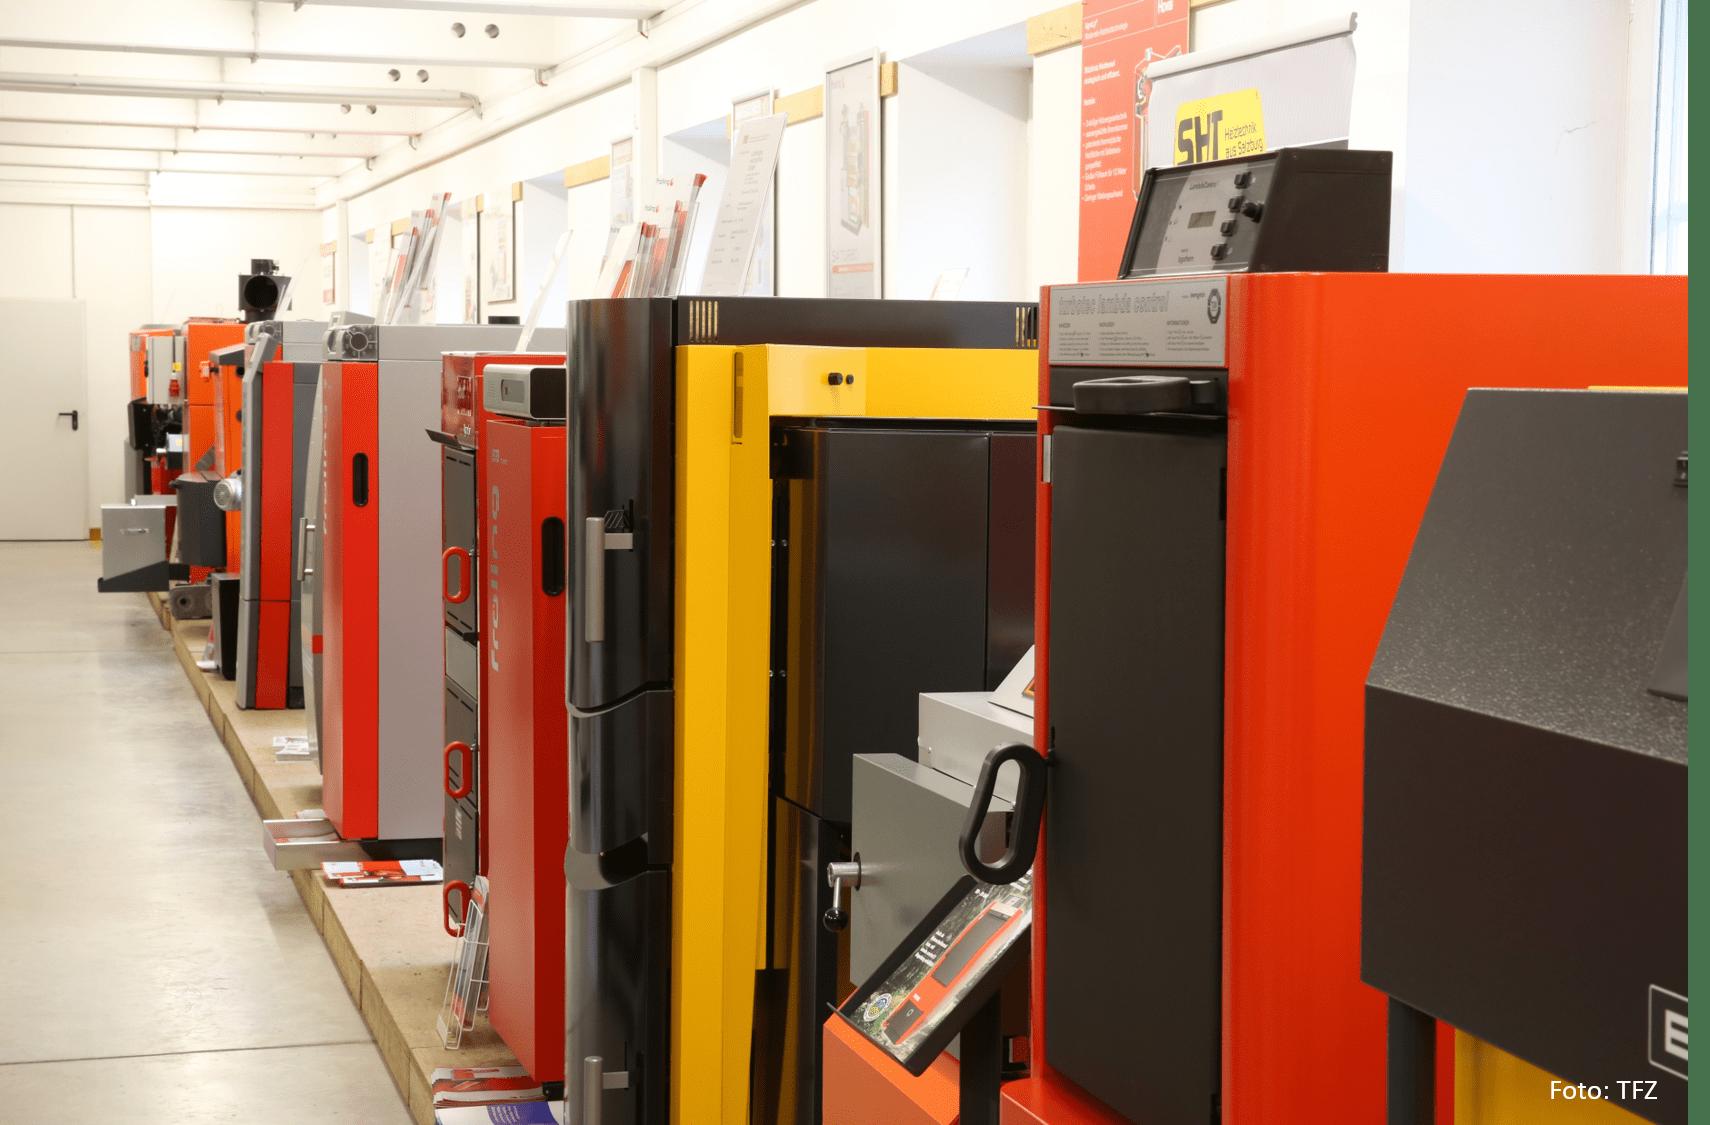 Boiler Exhibition Copyright Technik- und Förderzentrum TFZ